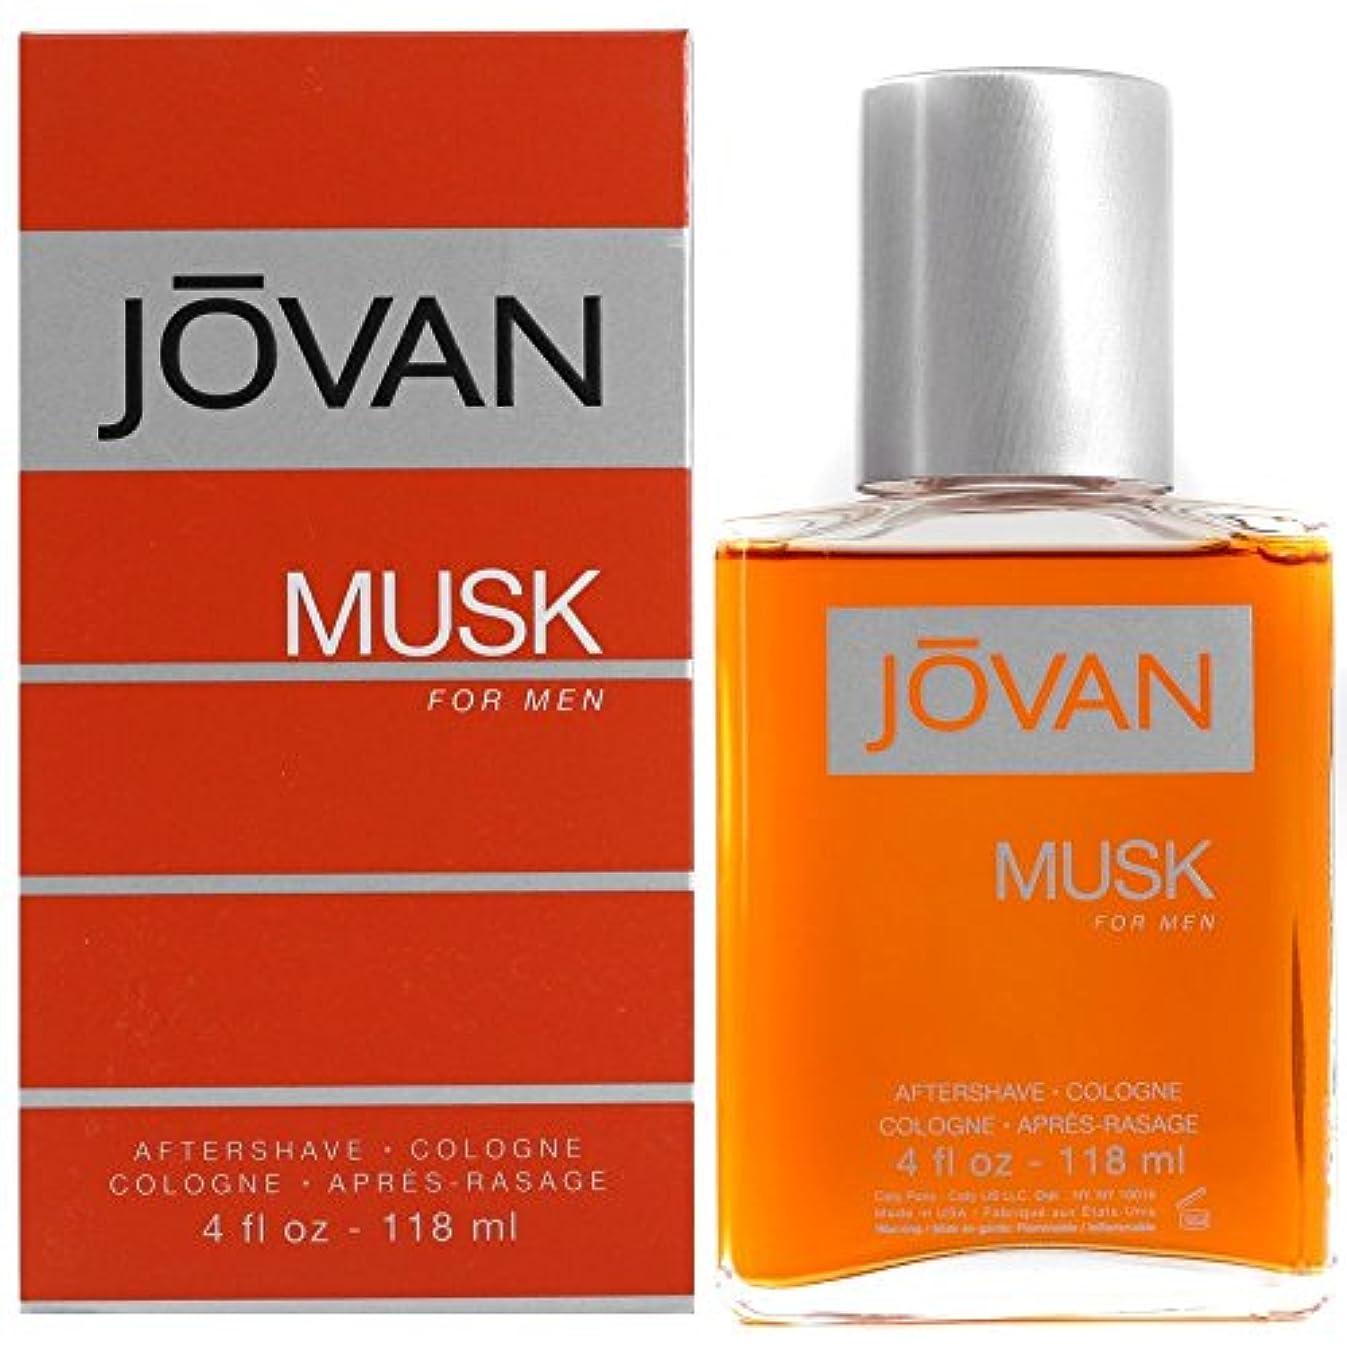 確認してください湿気の多いエージェントJOVAN(ジョーバン) ジョーバン ムスク フォーメン アフターシェーブ コロン 118ml